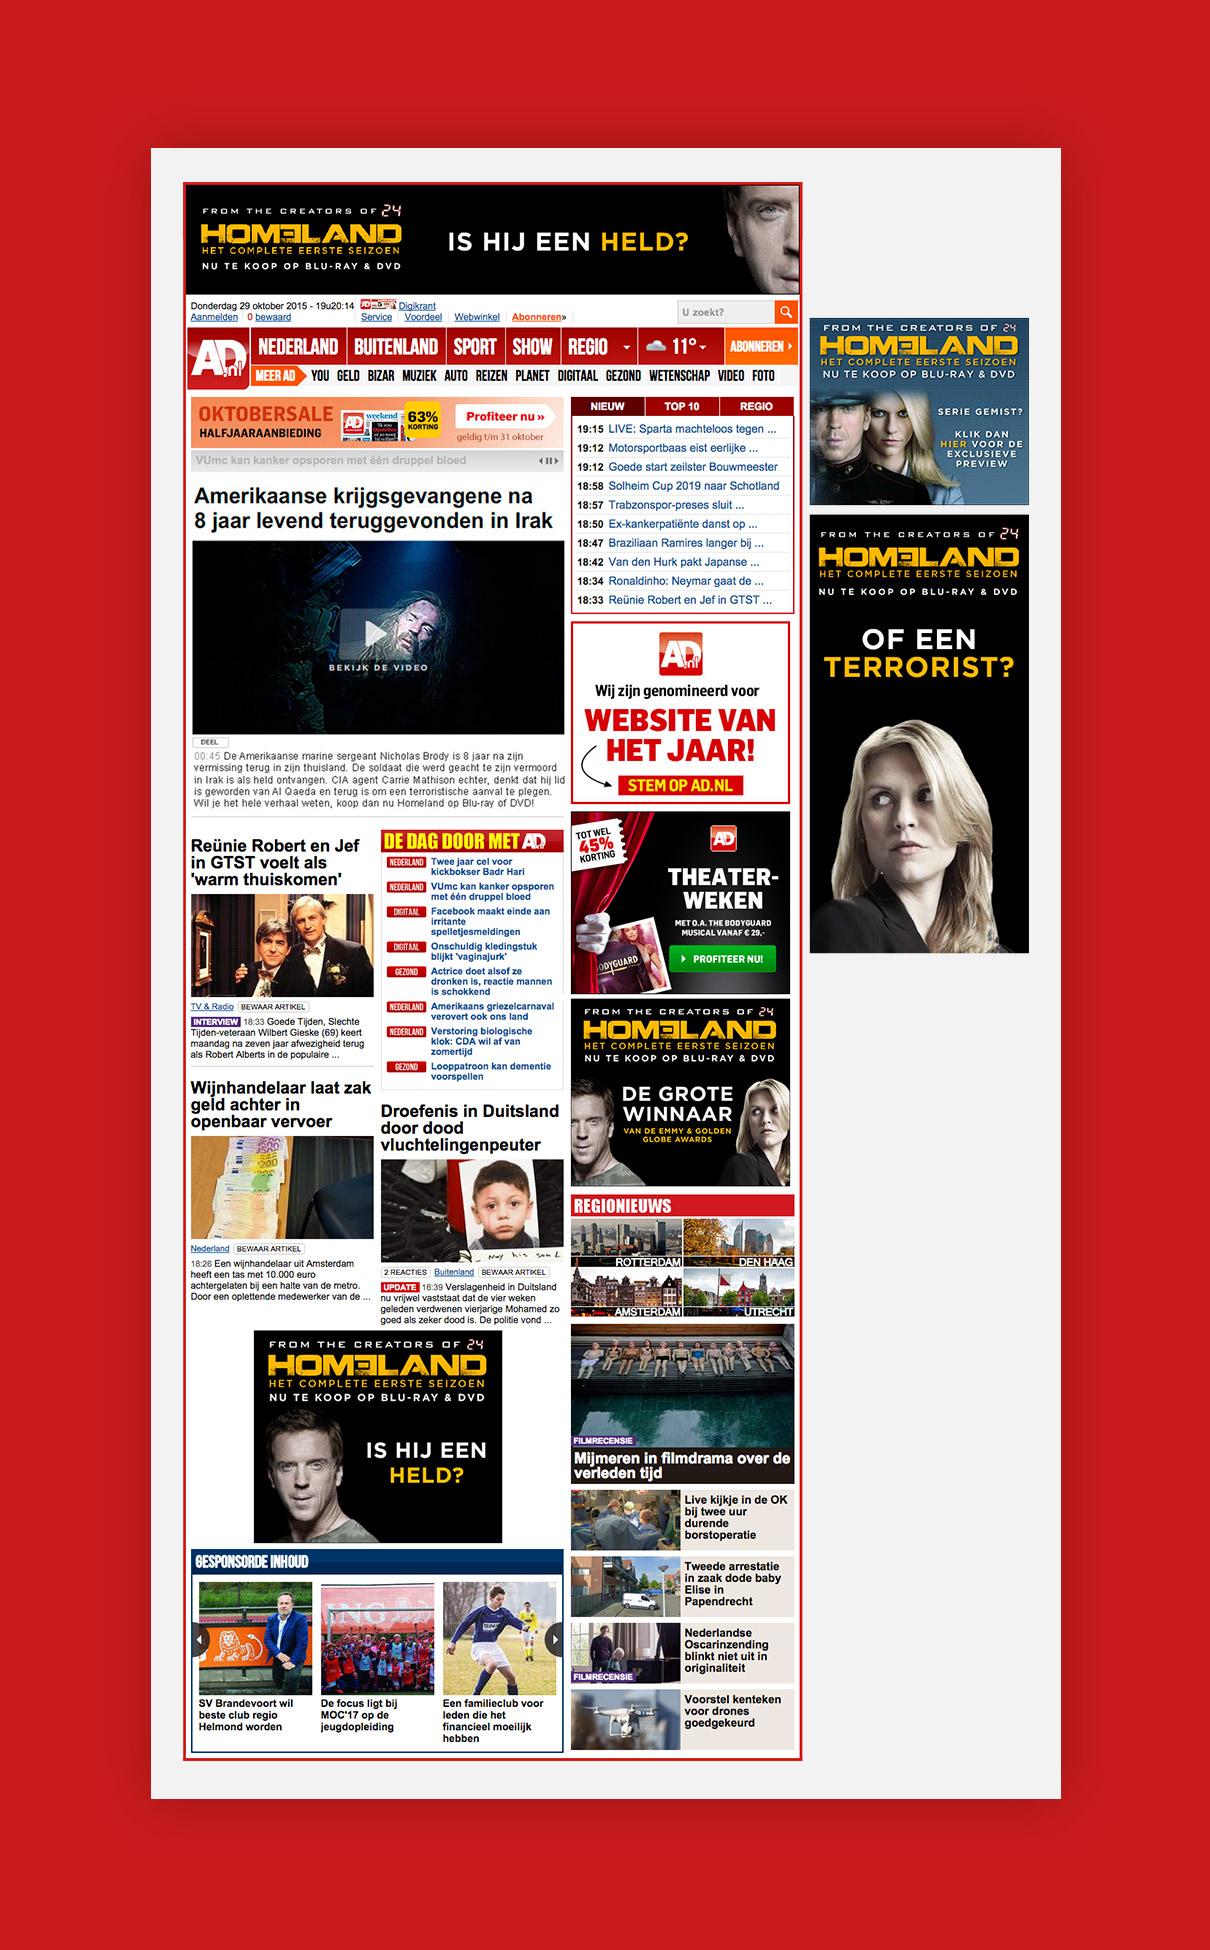 Homeland - banner campagne Algemeen Dagblad (ad.nl)